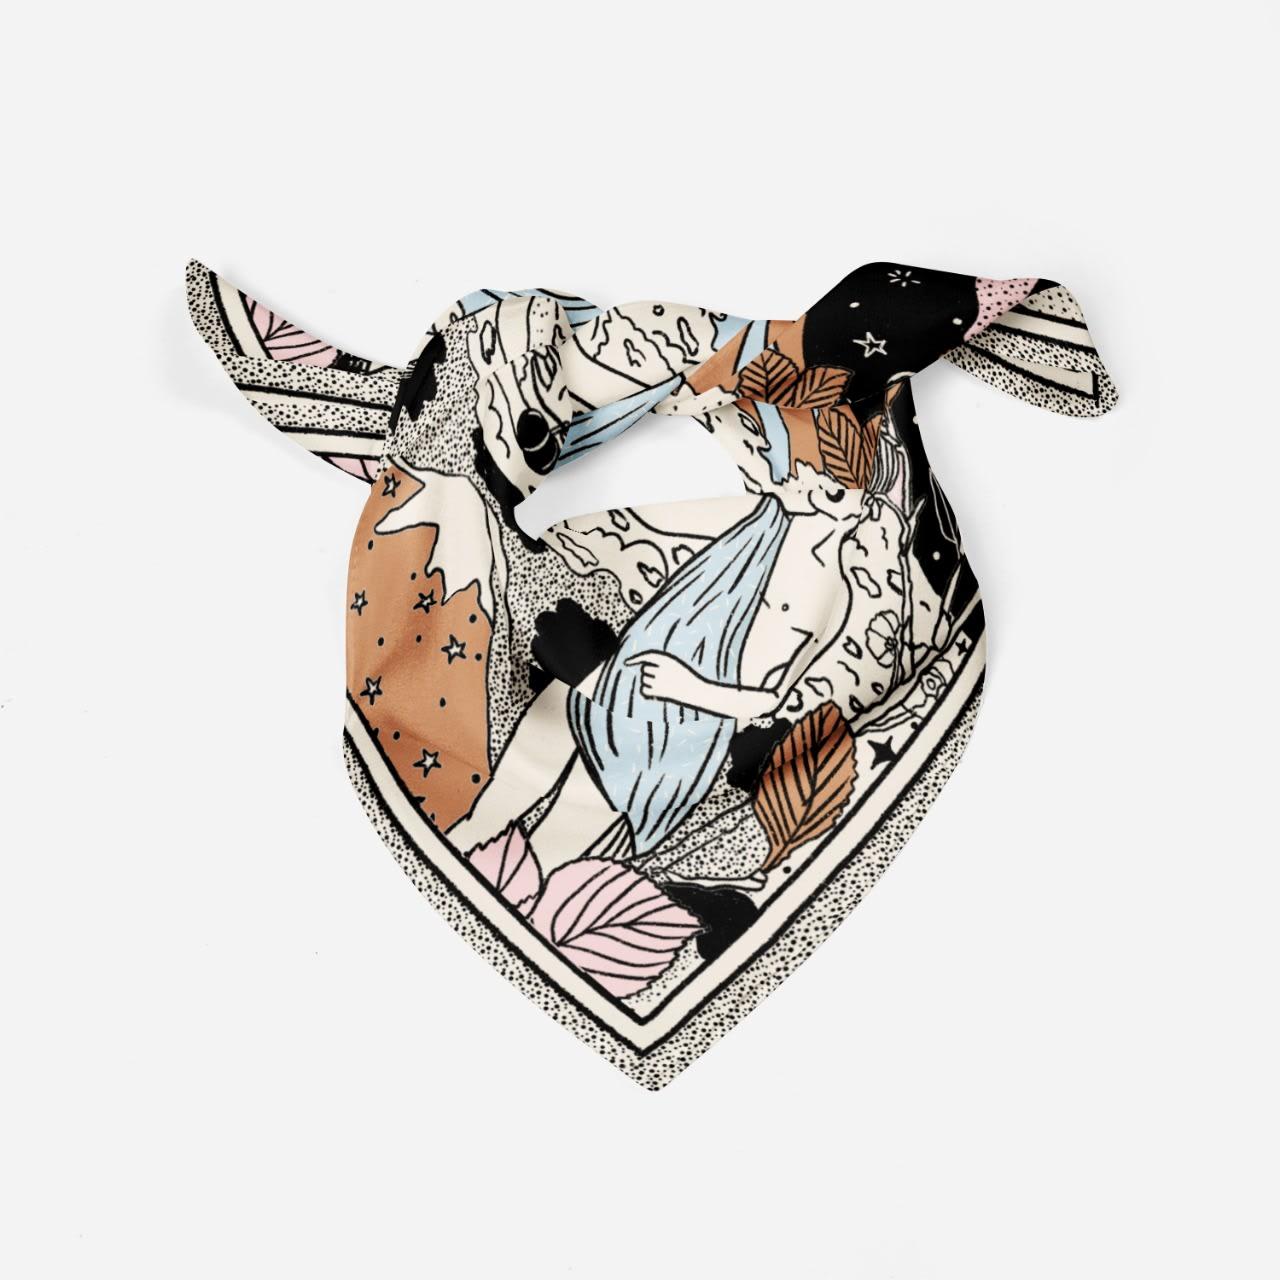 Pañuelo Ilustración Love 78x78 - Cacachilupi